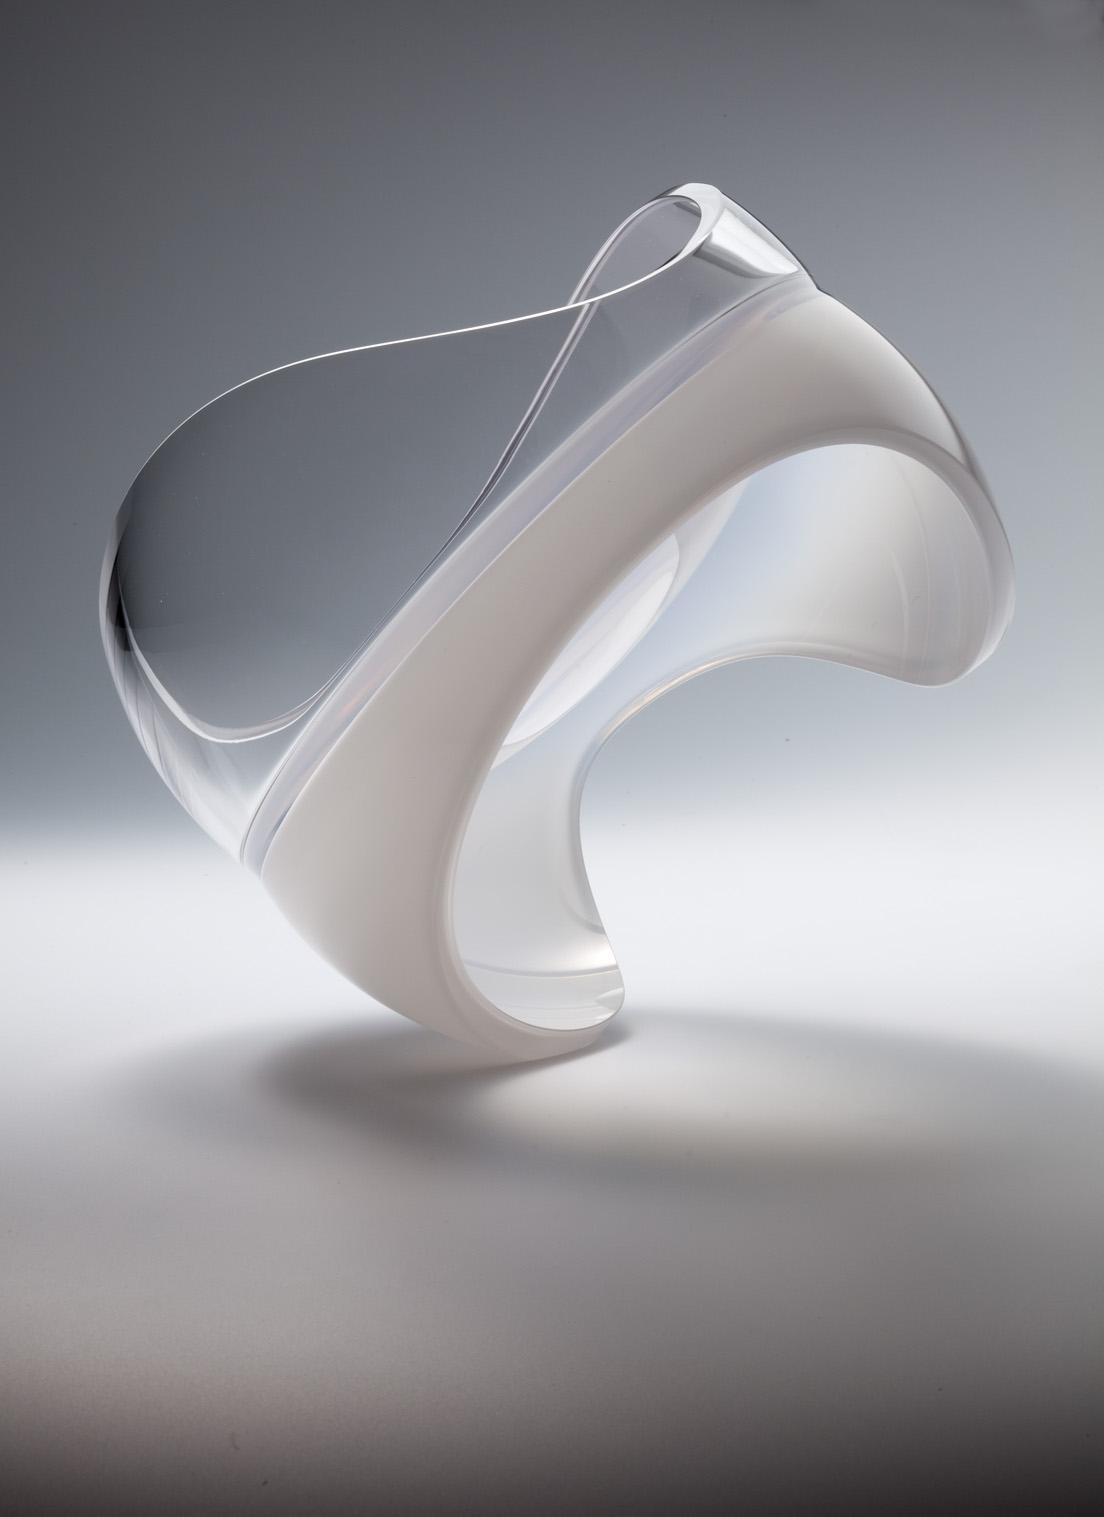 """Roller,13"""" x 10.5"""" x 11.5"""", 2011"""